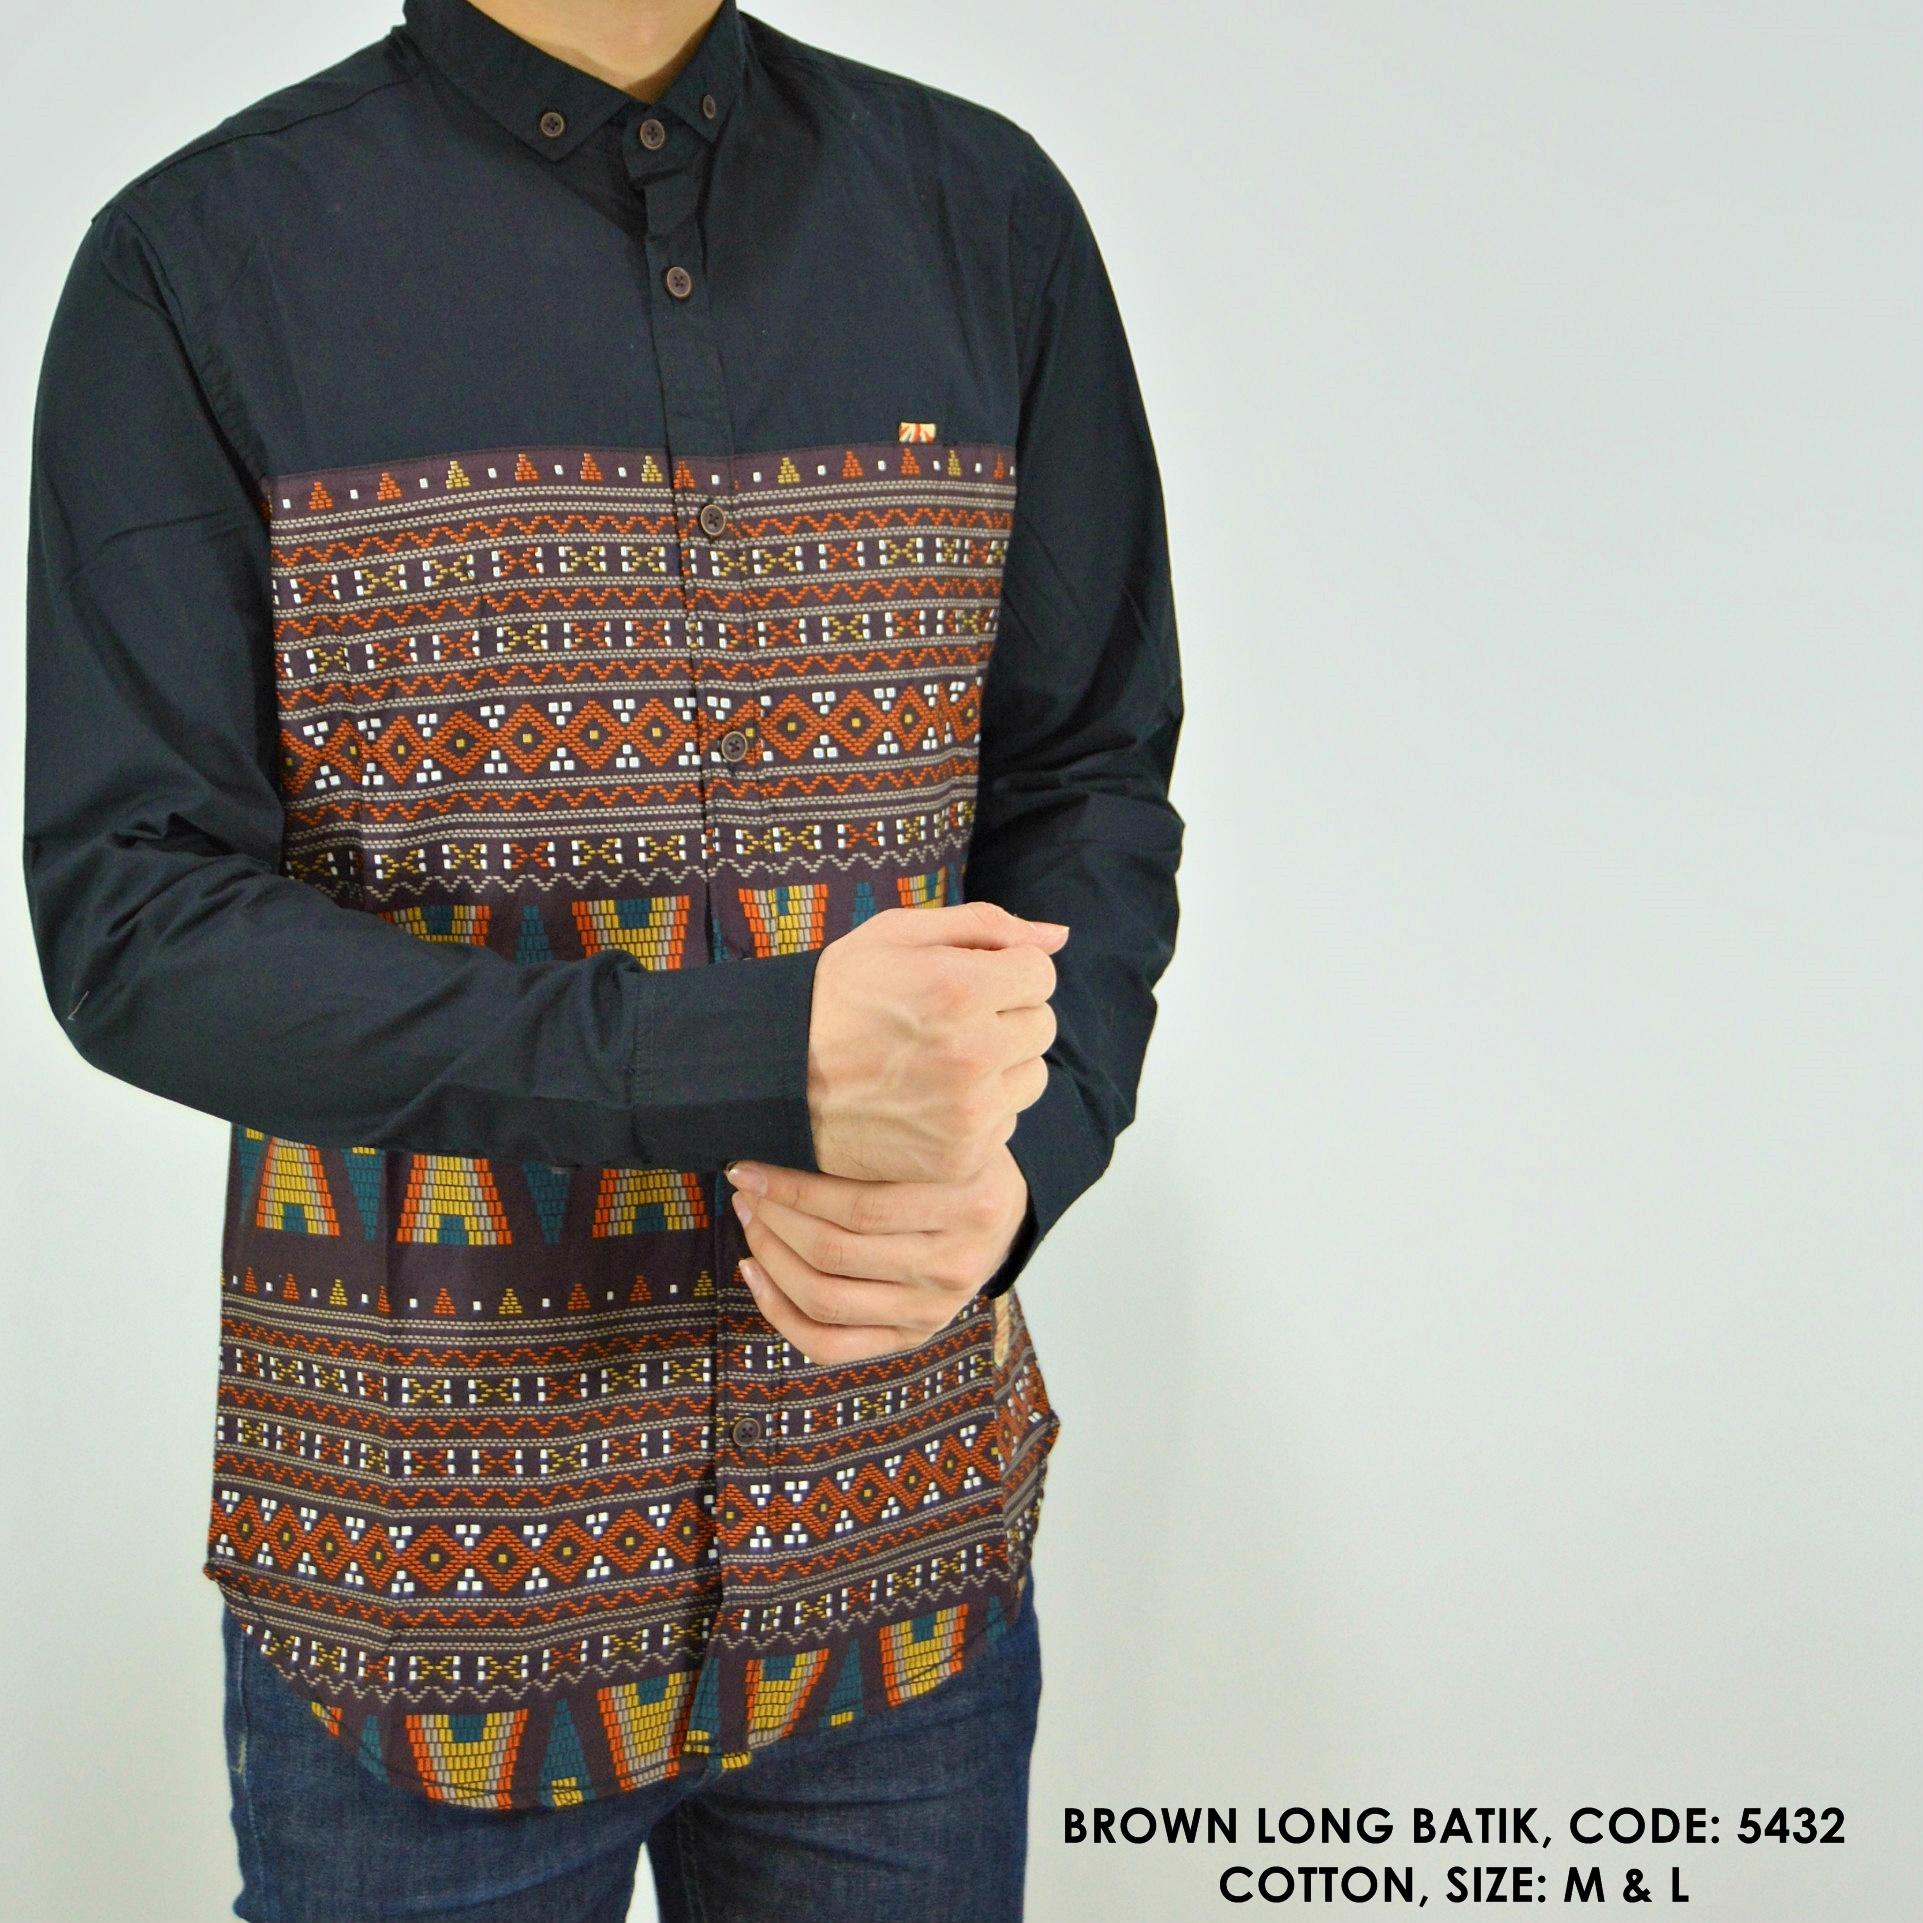 Jual Baju Kemeja Panjang Batik Kombinasi Polos Cowok